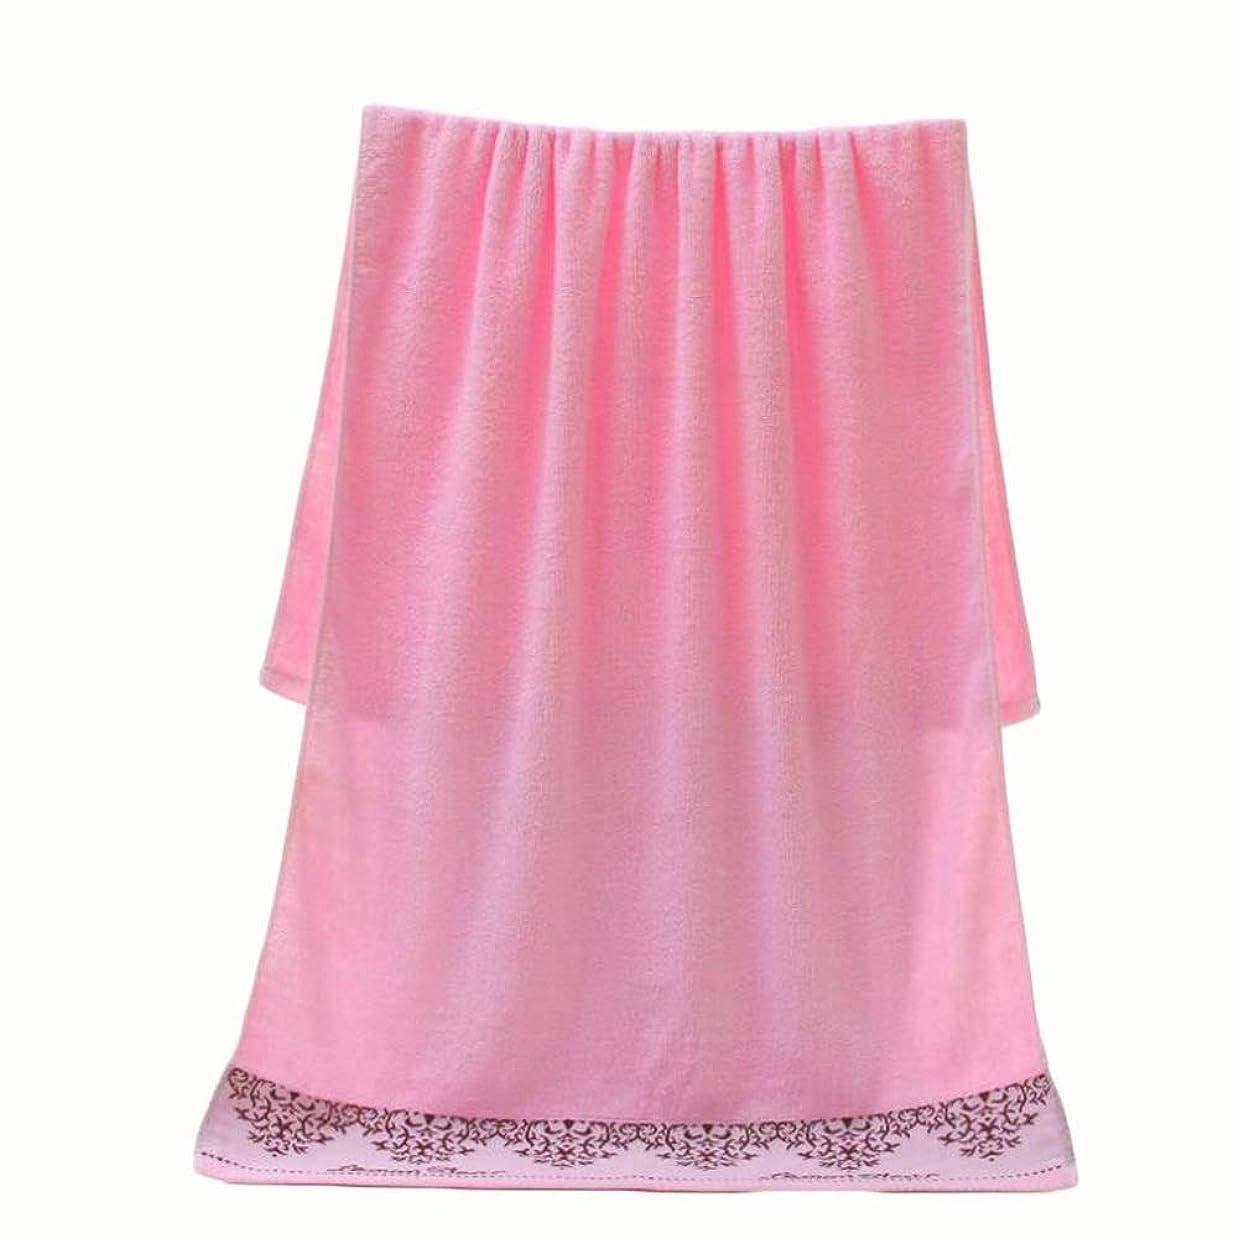 サワートランペット暴動CXUNKK ホームコットン厚手ジャガード吸収性ソフトバスタオル (Color : Pink)